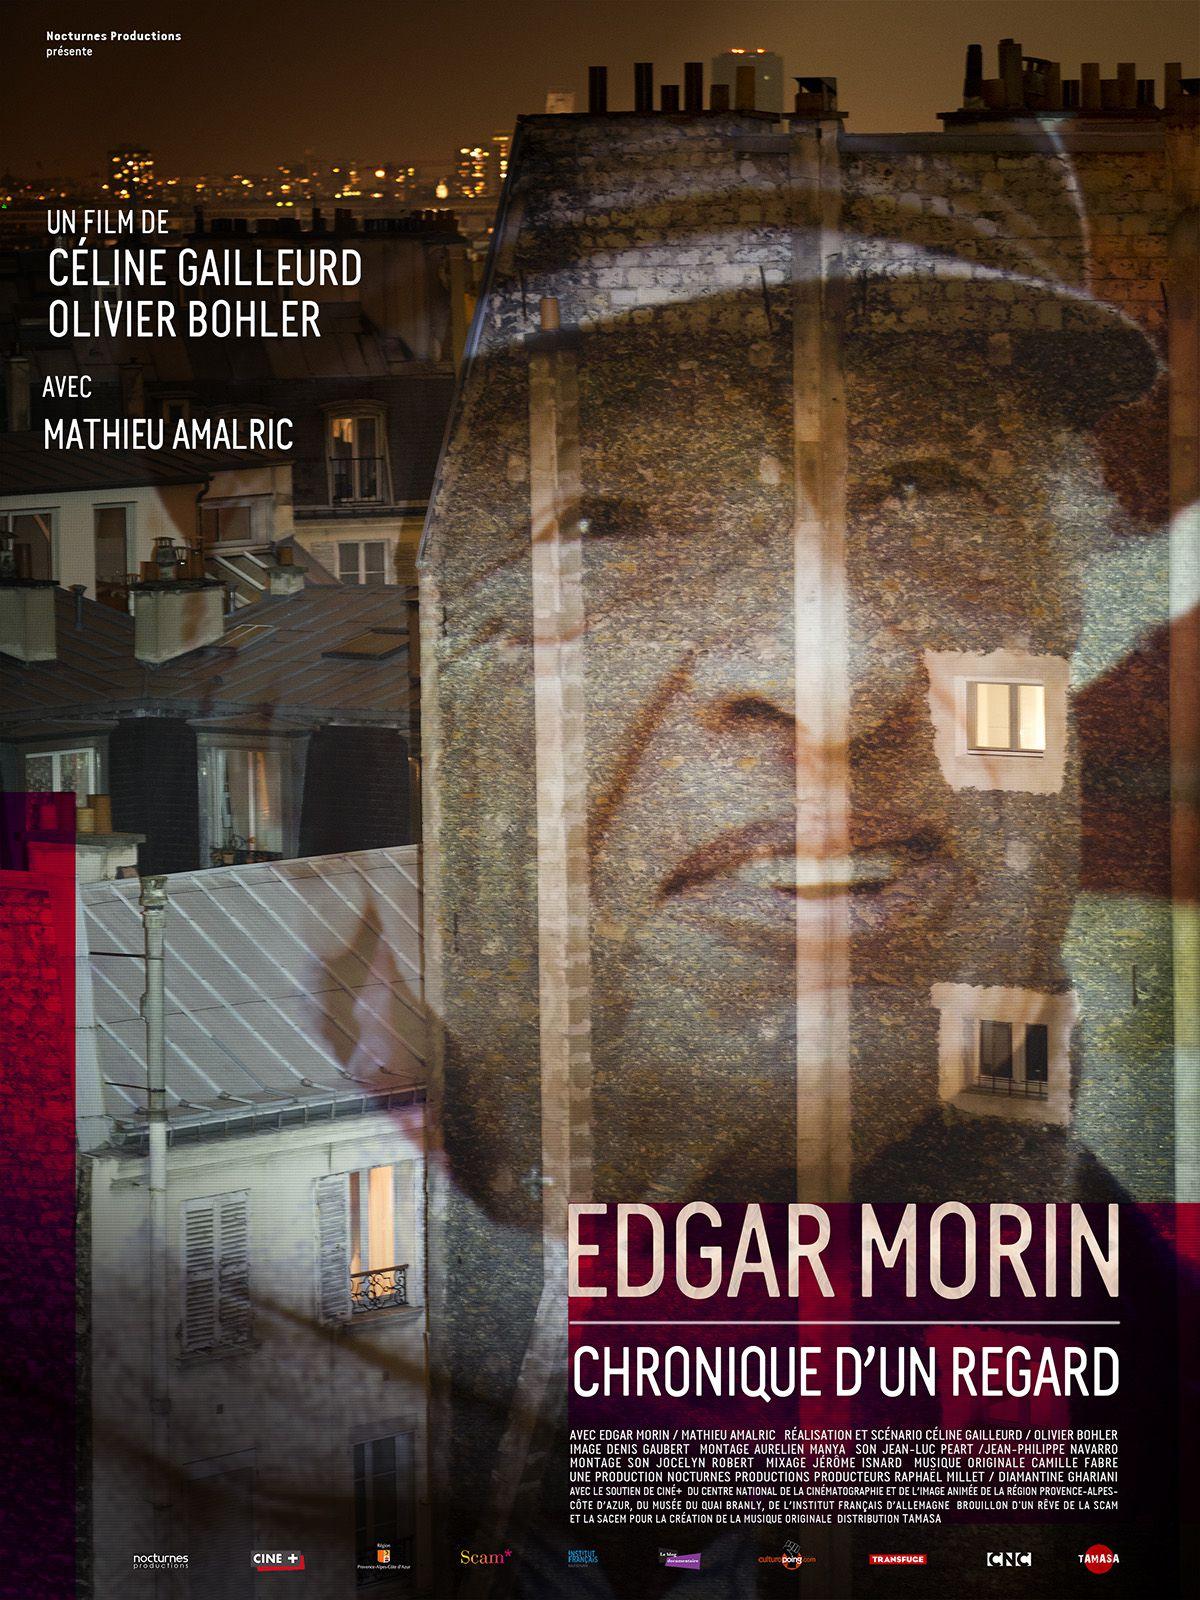 Edgar Morin : Chronique d'un regard - Documentaire (2015)